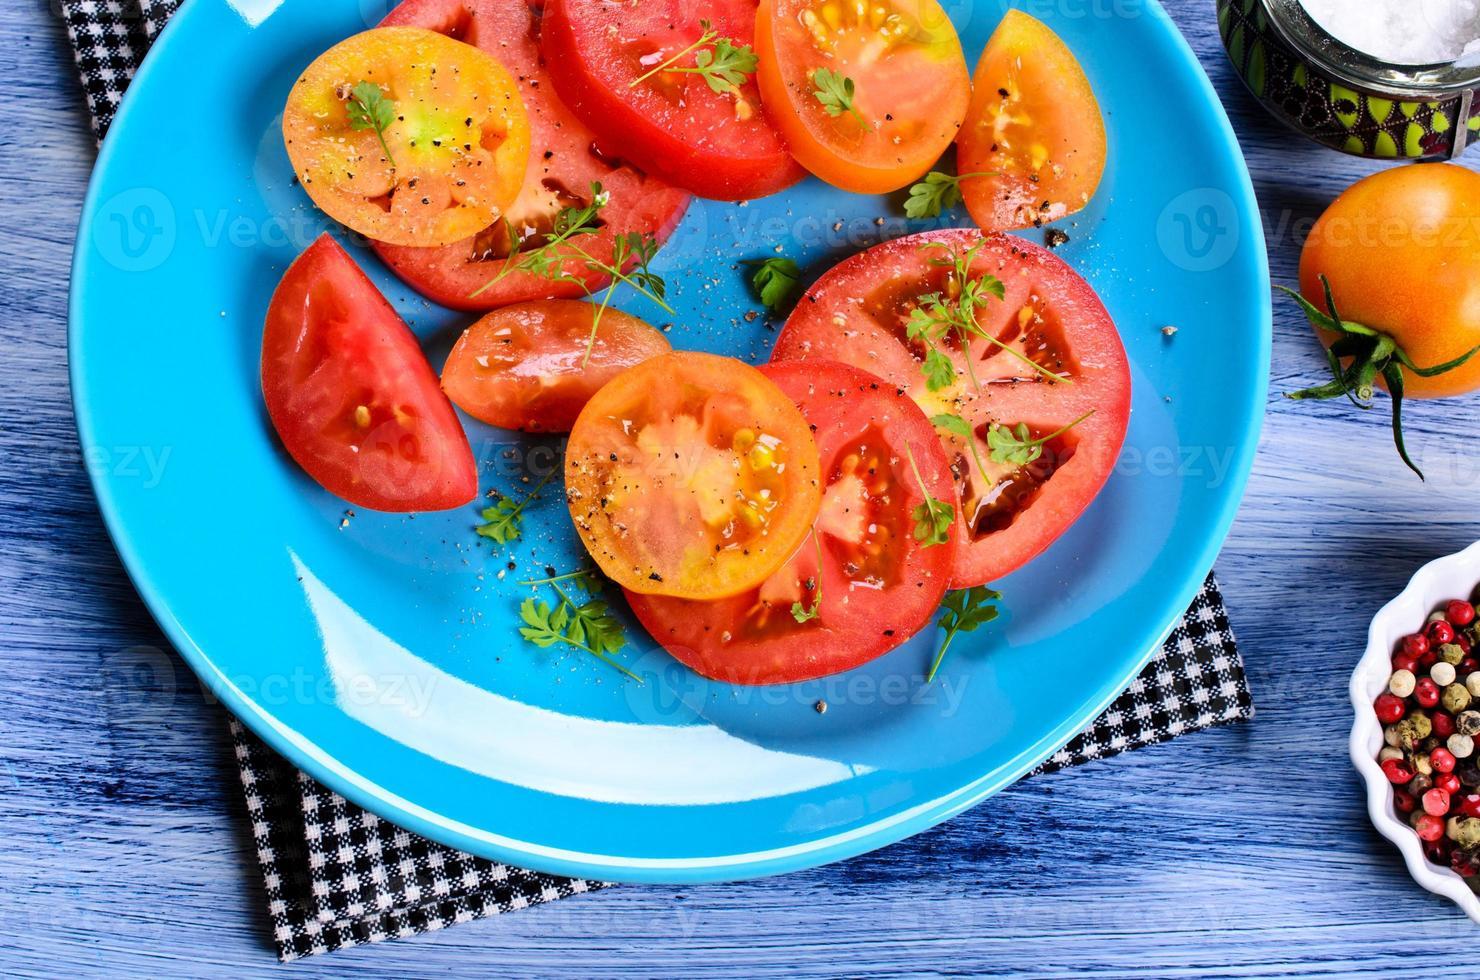 sallad av tomater foto